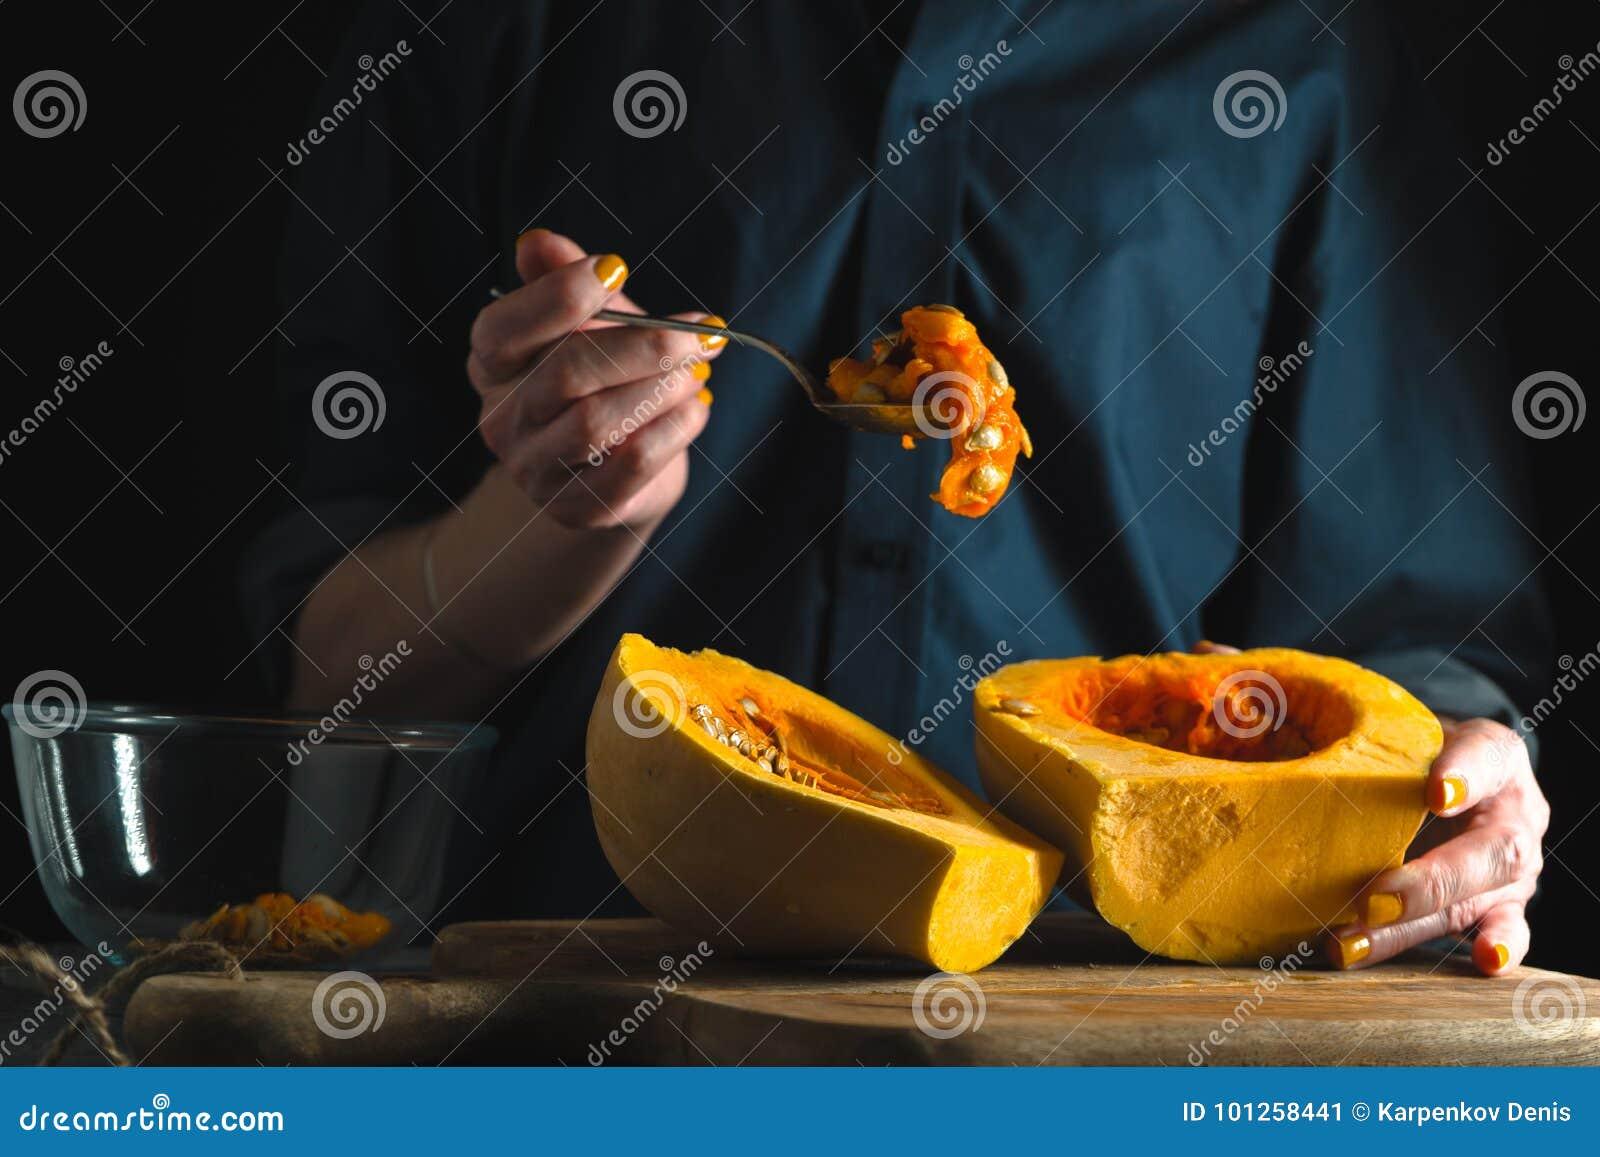 Κουτάλι με τους σπόρους σε ένα χέρι, μισά κολοκύθας σε έναν πίνακα σε ένα μπλε υπόβαθρο